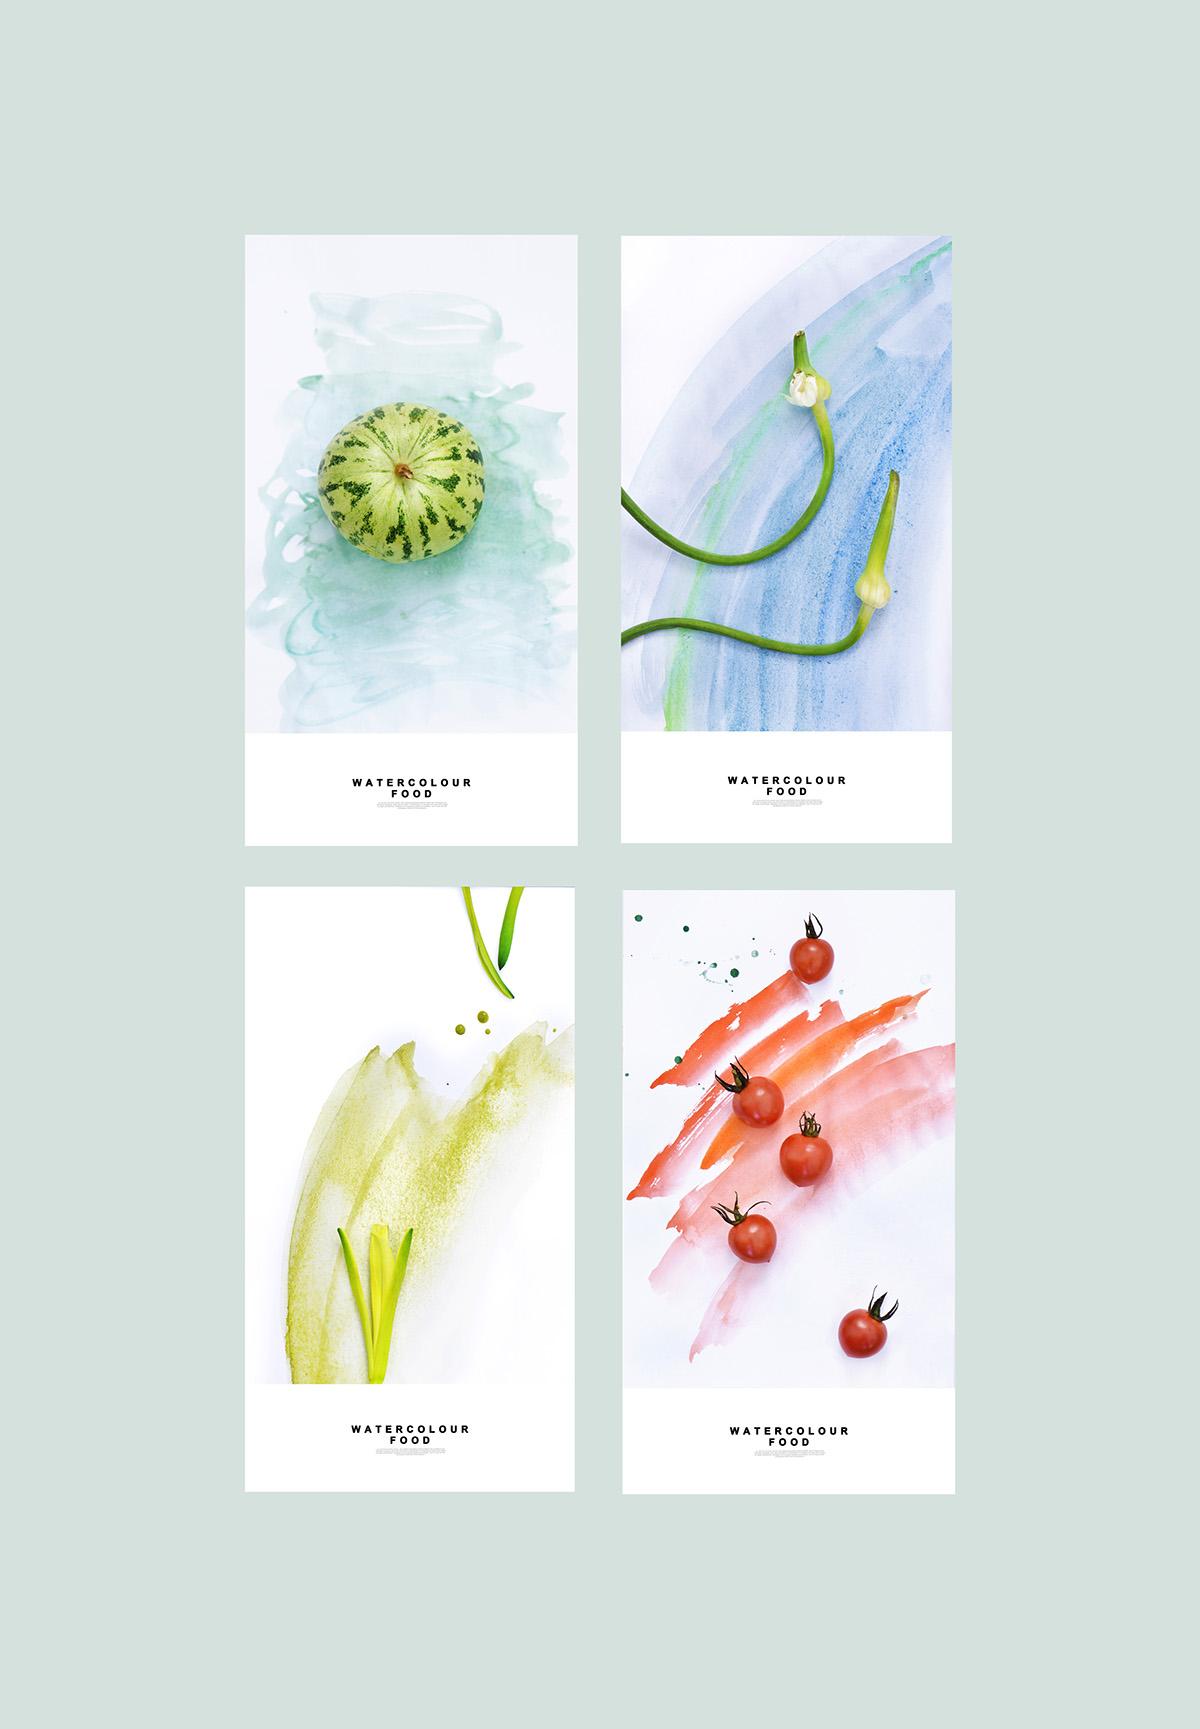 Watercolor Food - Yum Tang